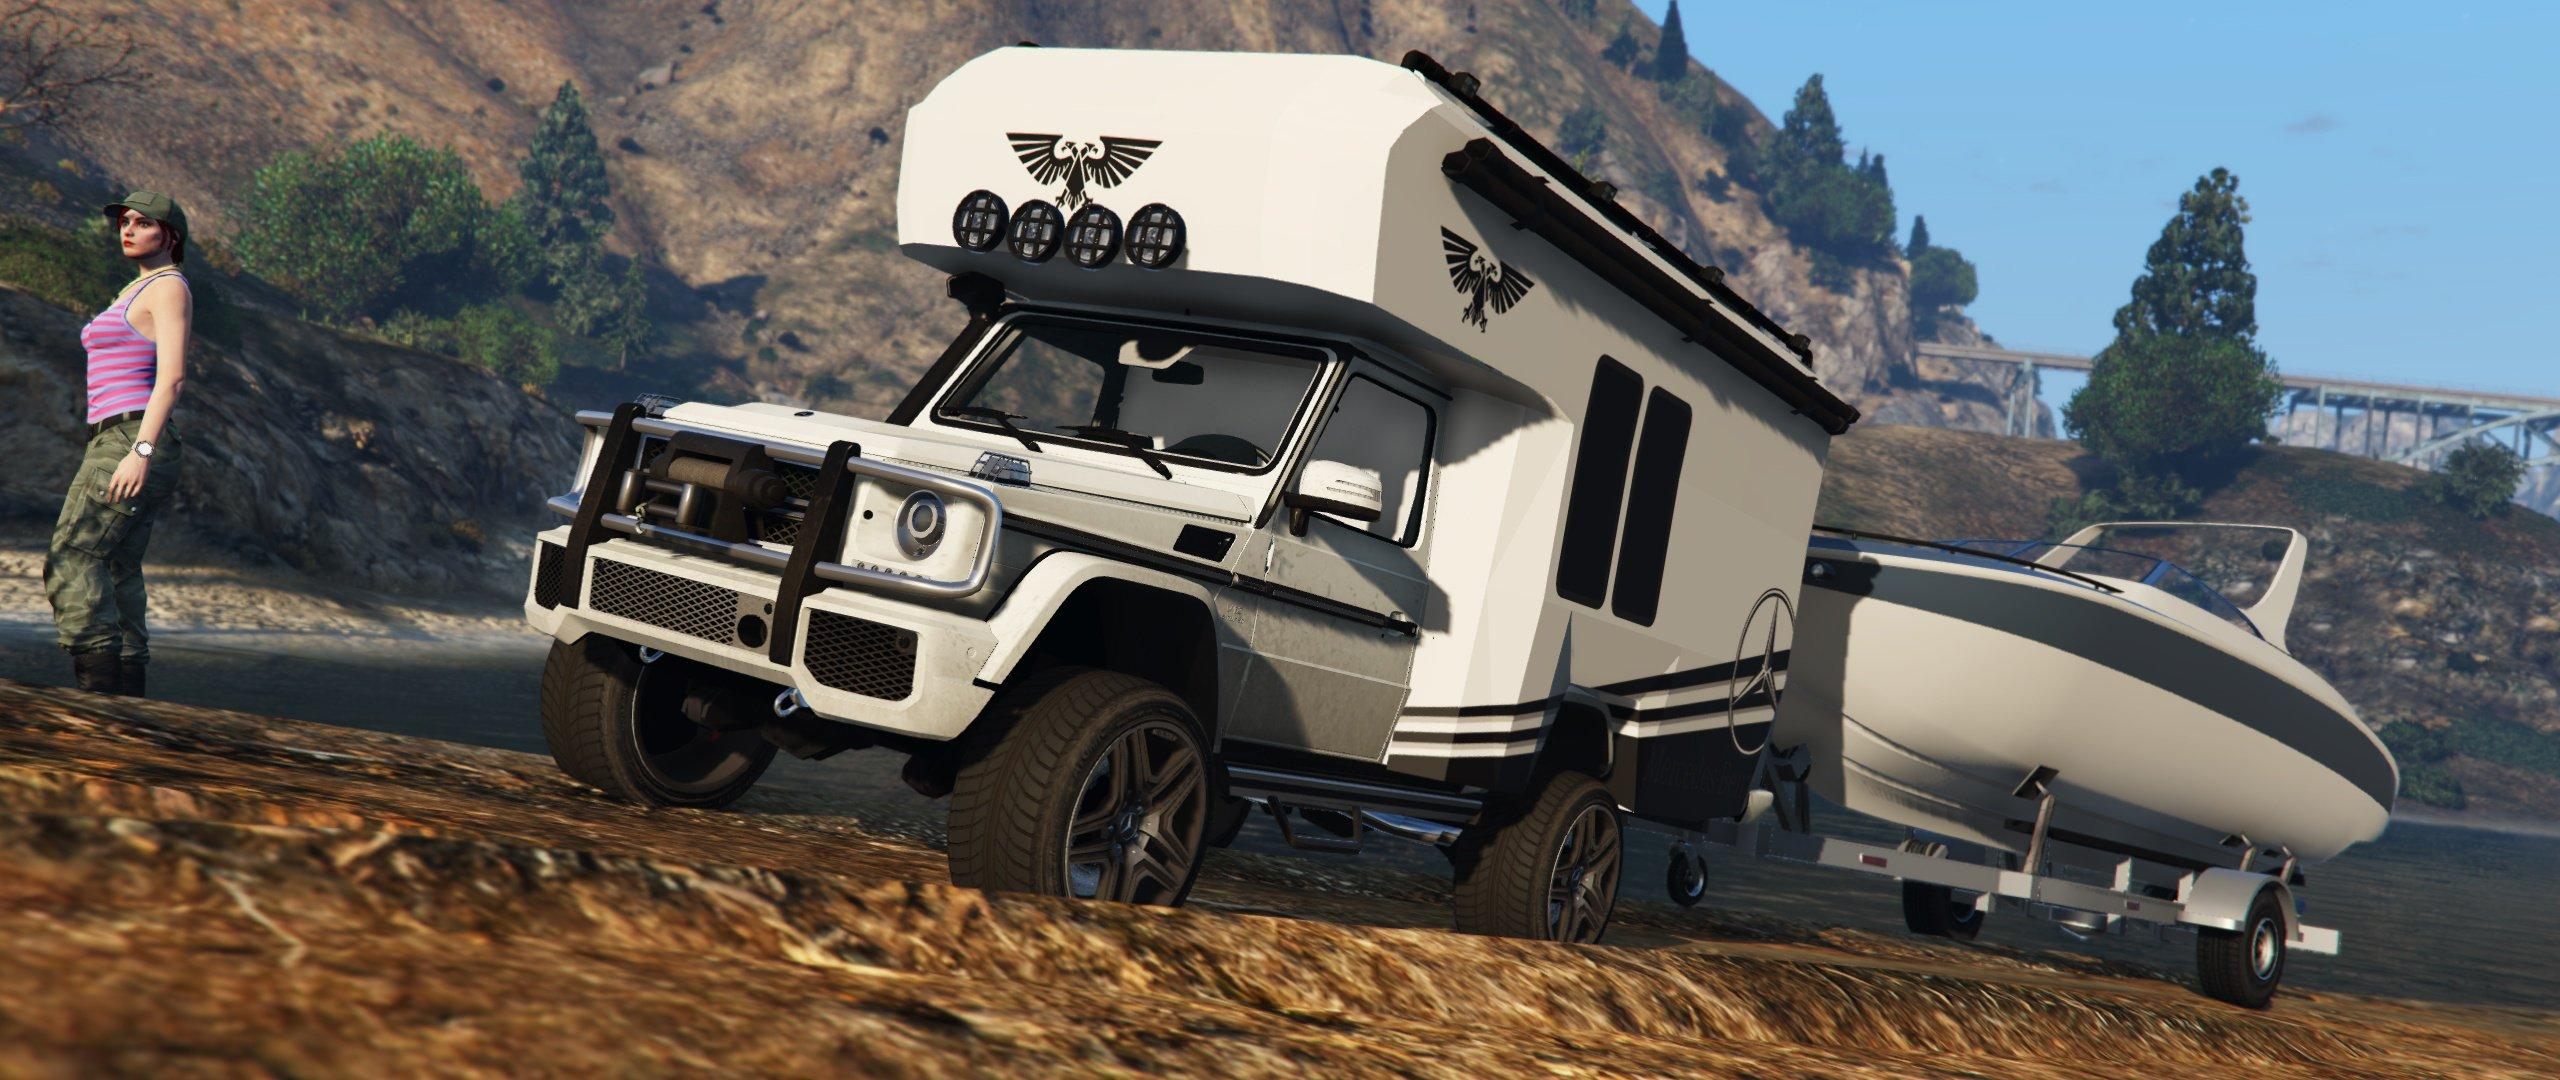 mercedes benz g wagon camper vehicules pour gta v sur. Black Bedroom Furniture Sets. Home Design Ideas